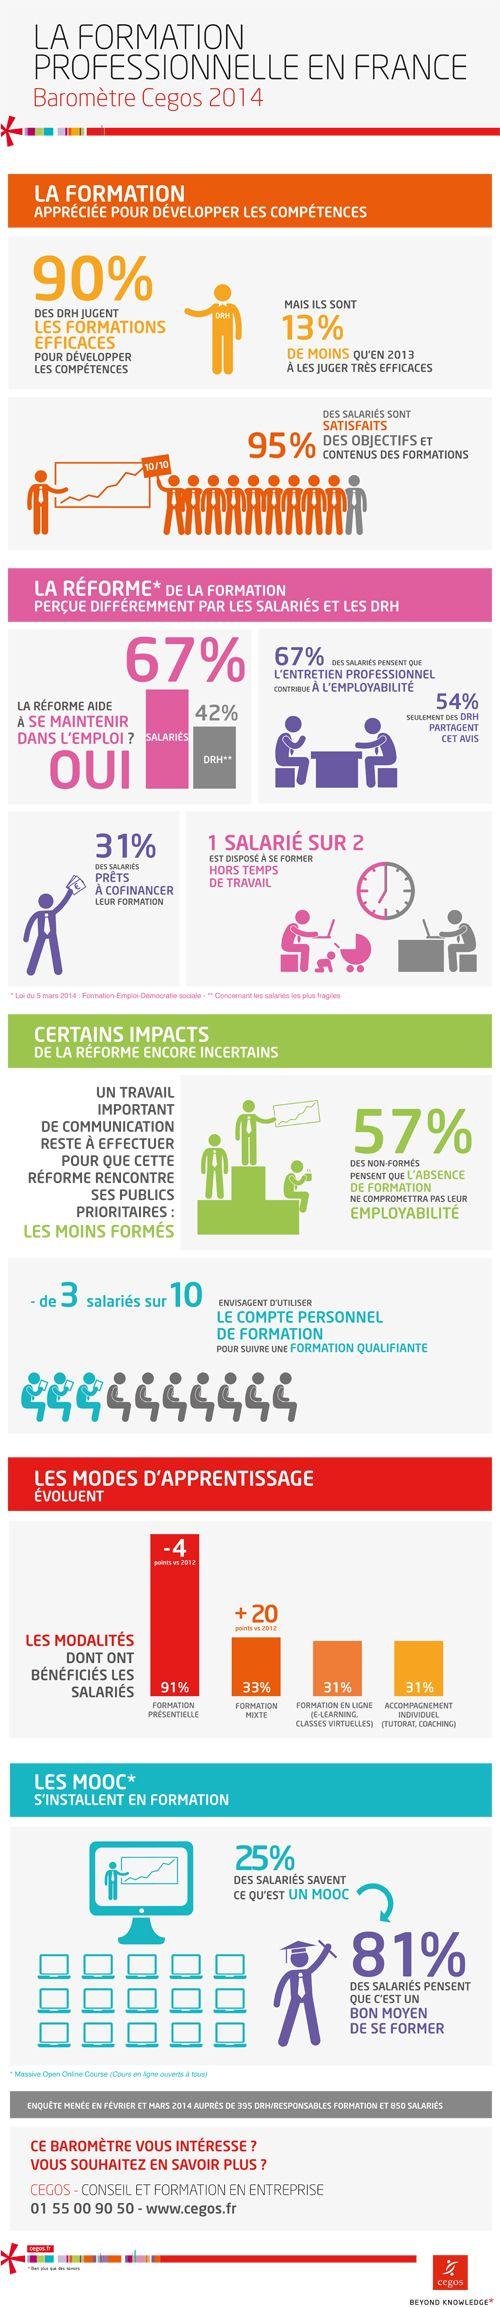 Infographie : la formation professionnelle en France en 2014